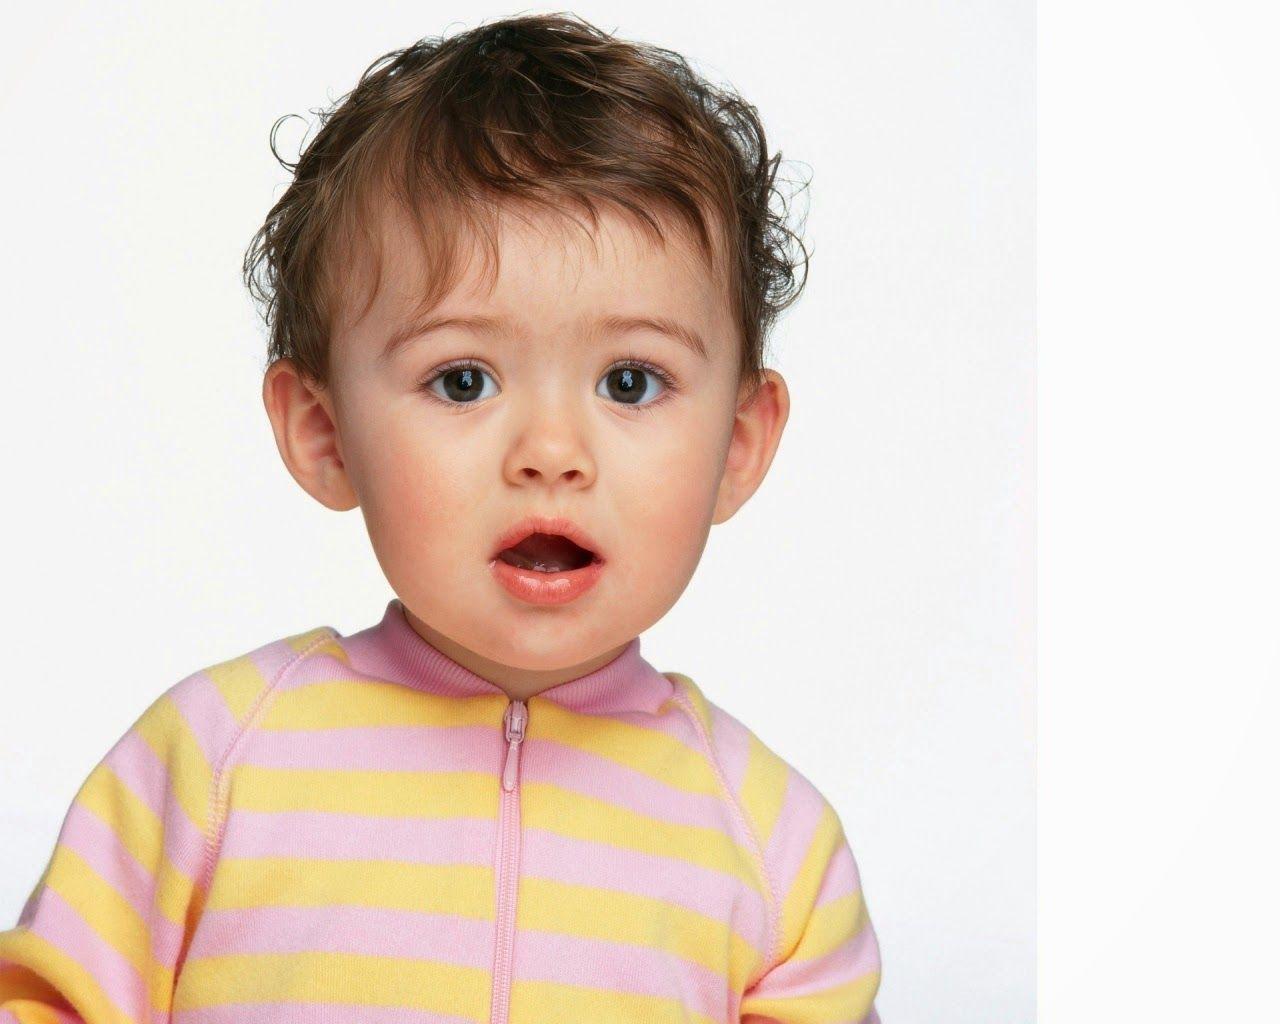 lovely baby face pretty cute full hd wallpaper Sekil.az